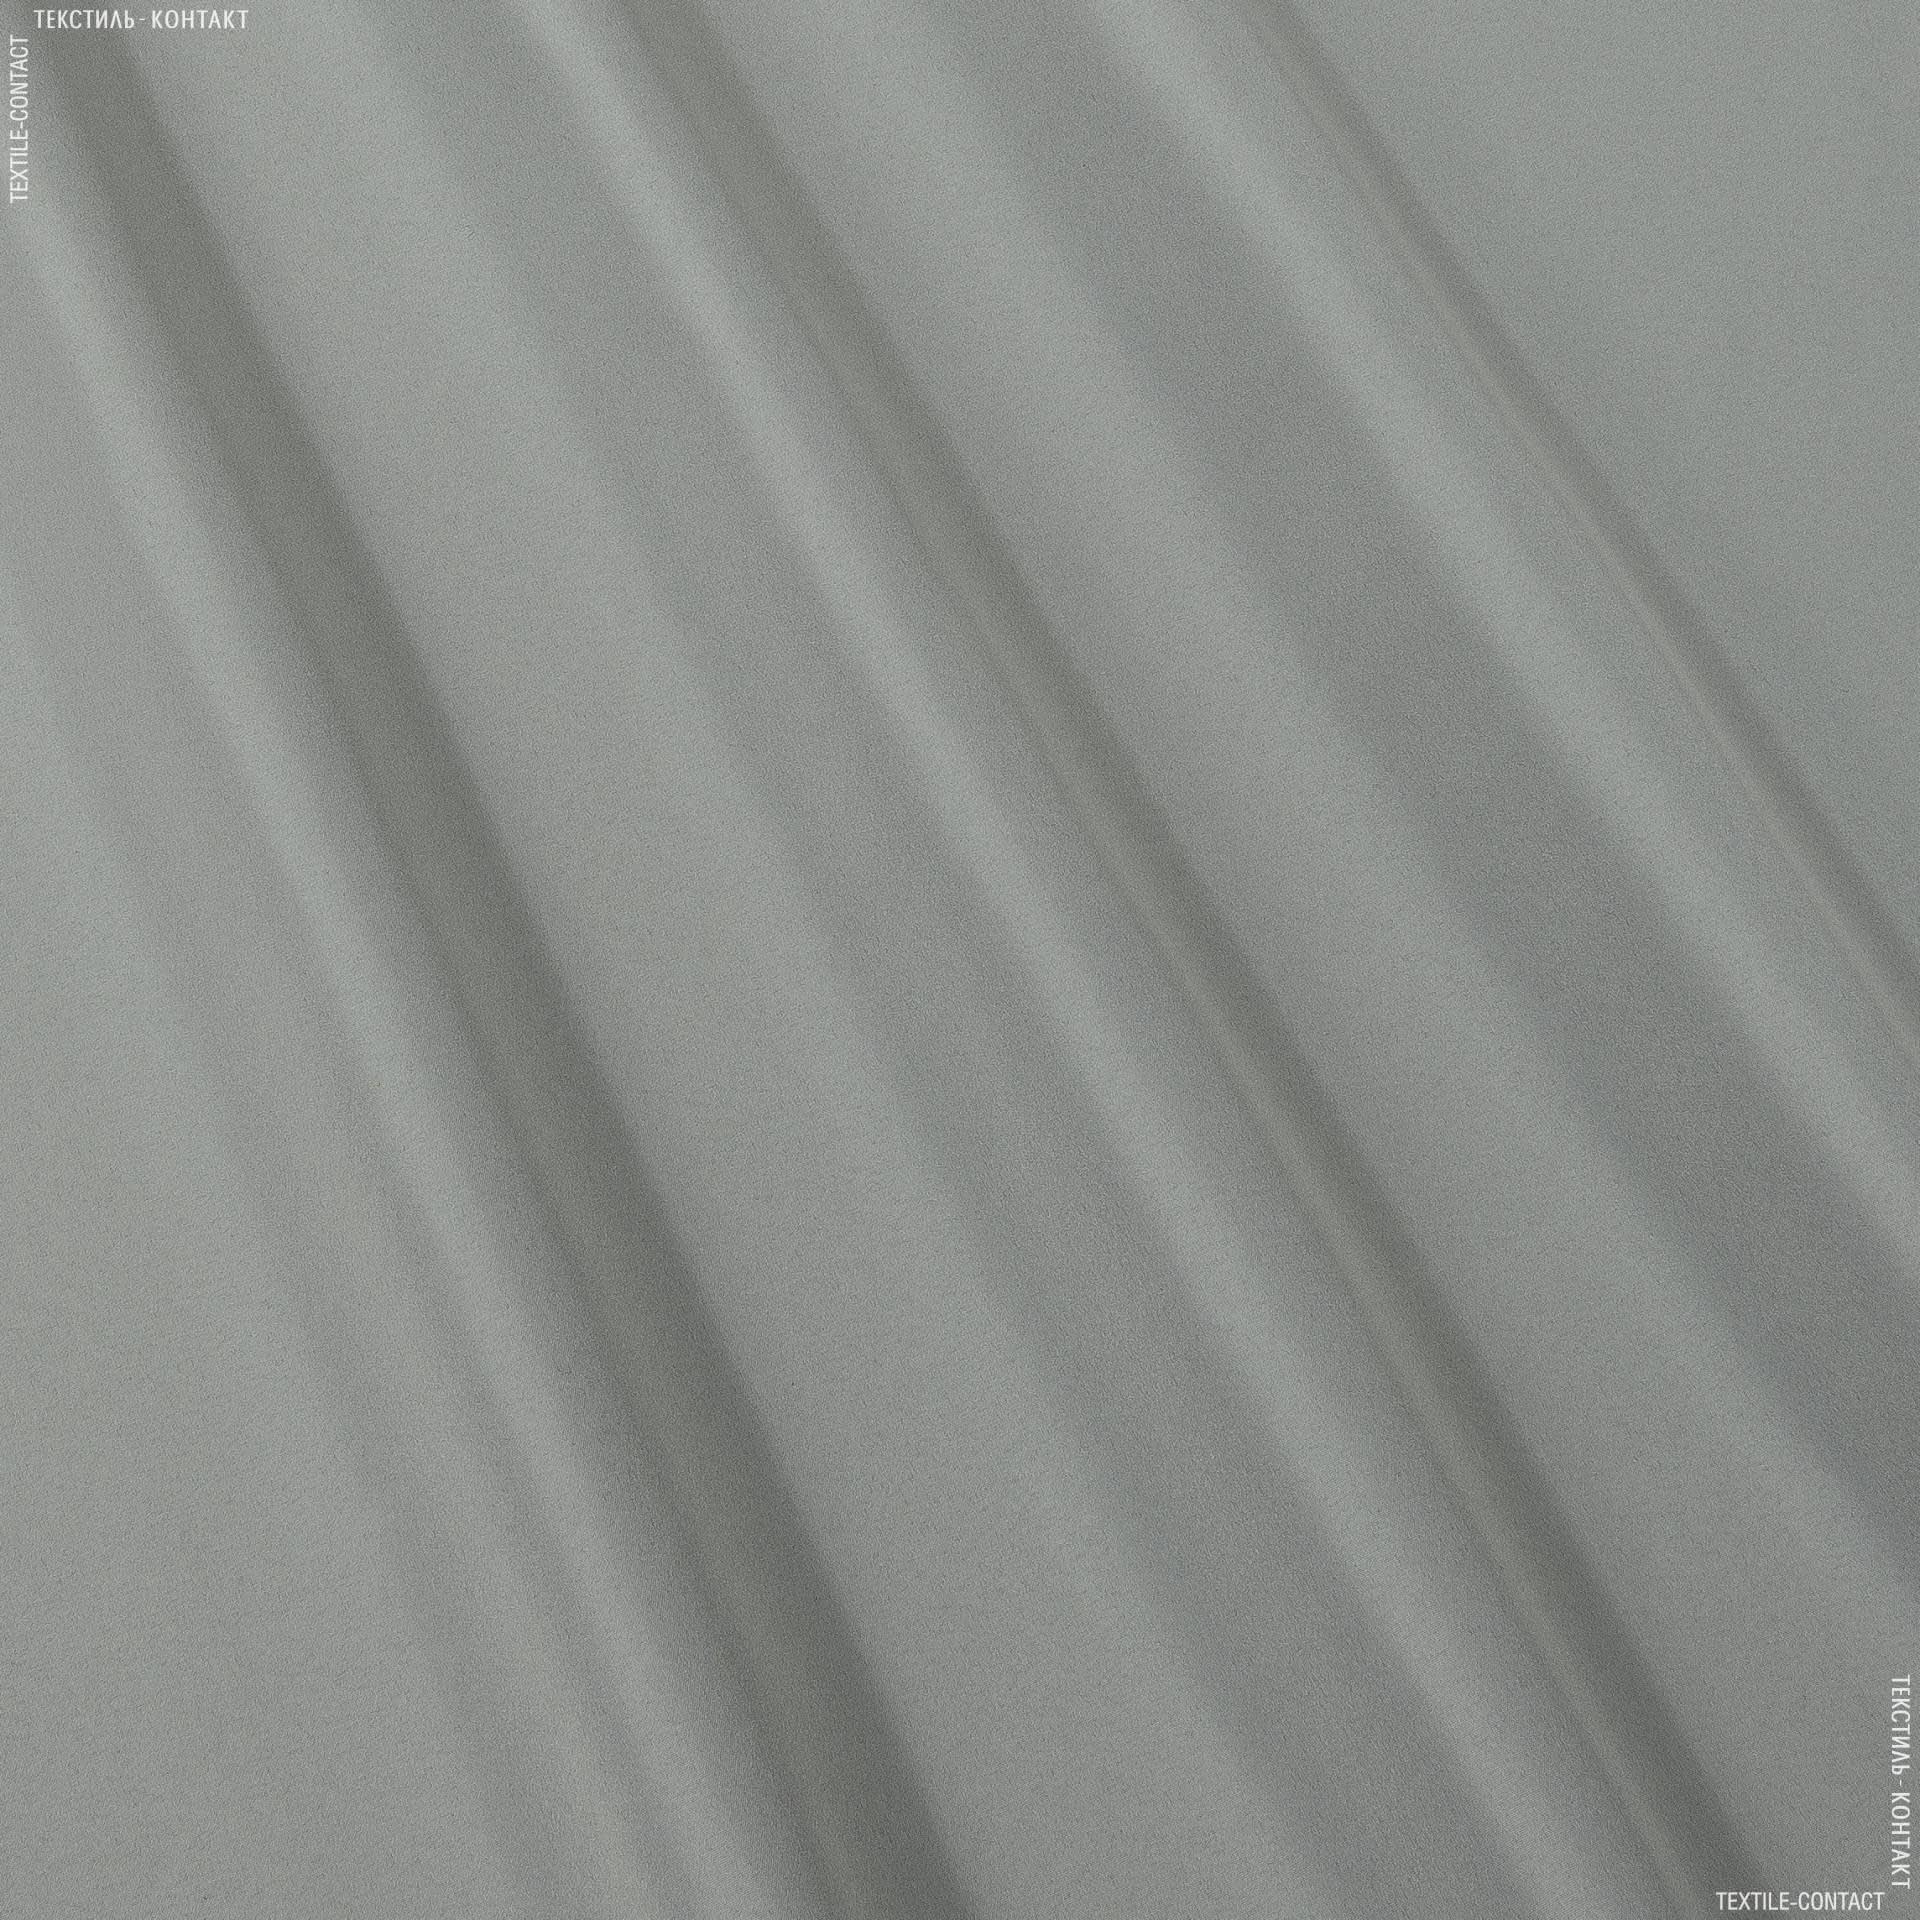 Ткани для верхней одежды - Плащевая бондинг серый